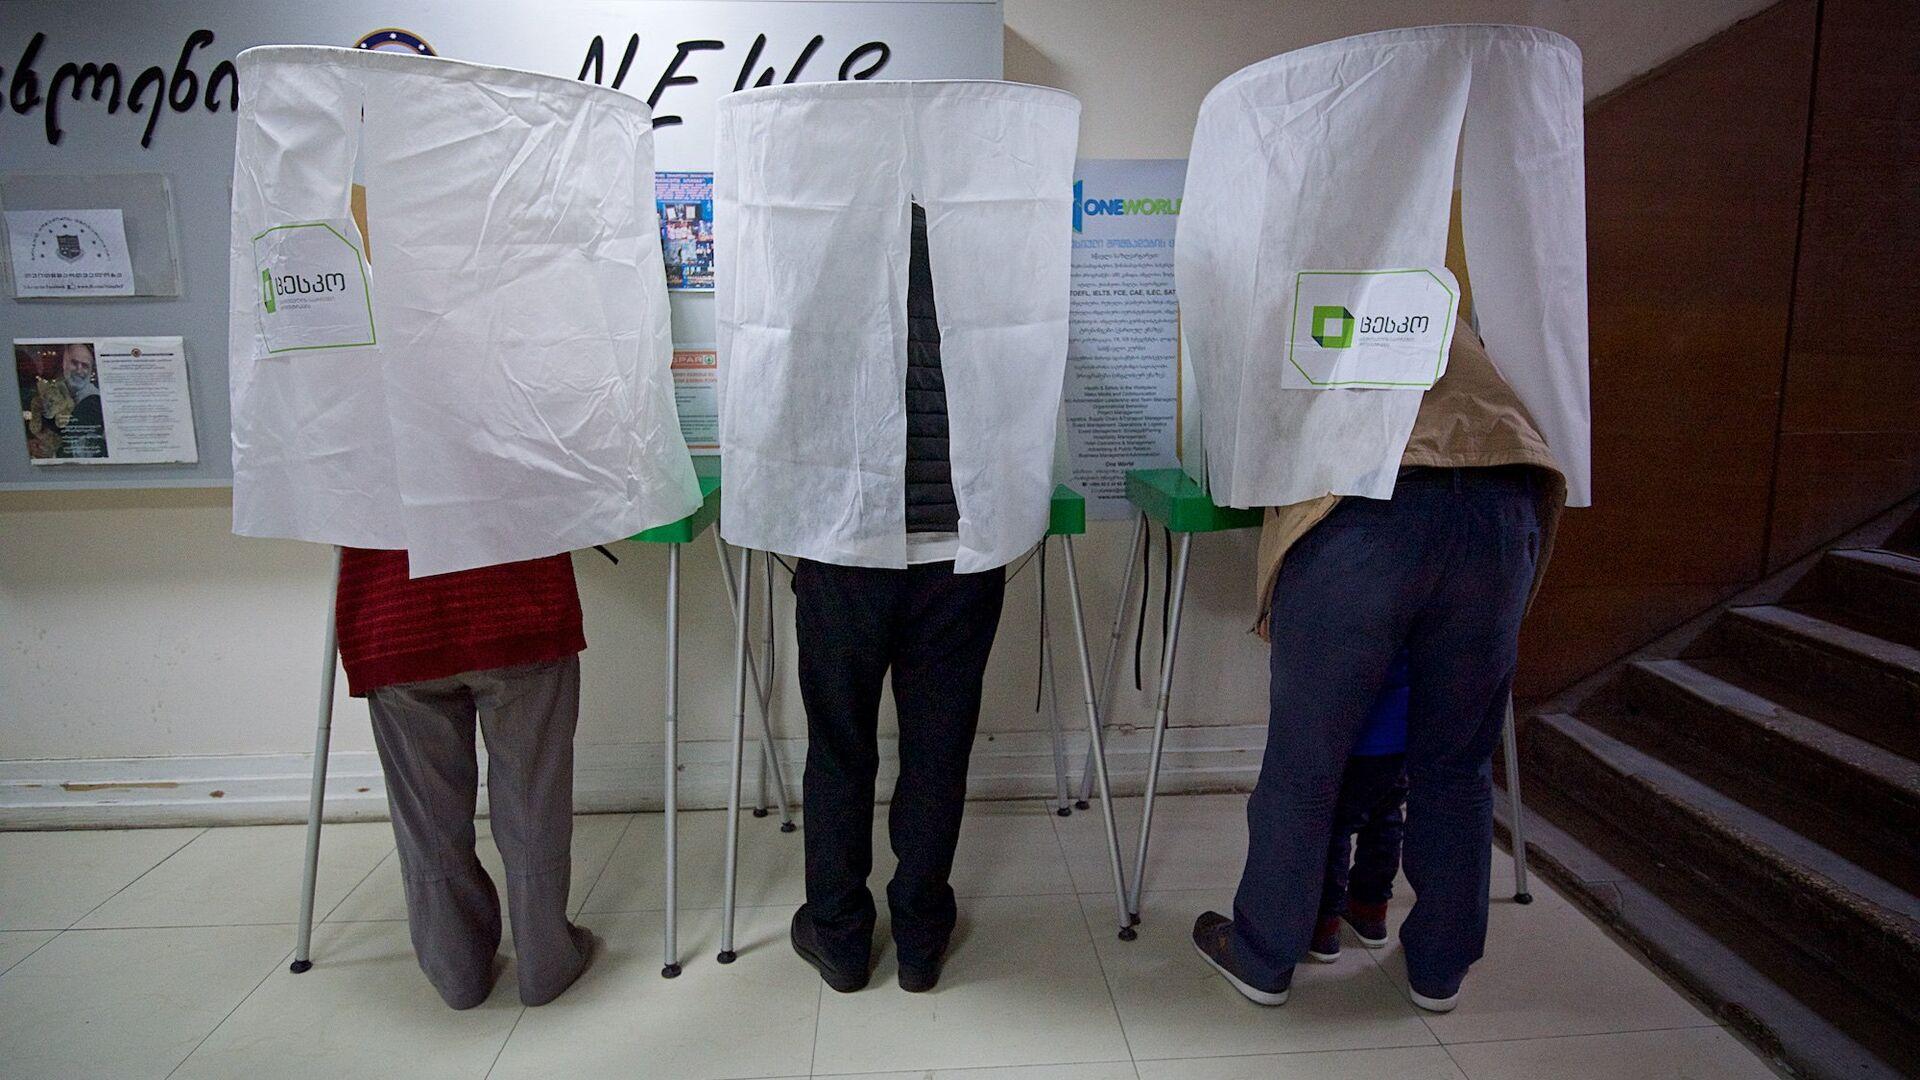 Избиратели принимают участие в процессе голосования - Sputnik Грузия, 1920, 20.09.2021